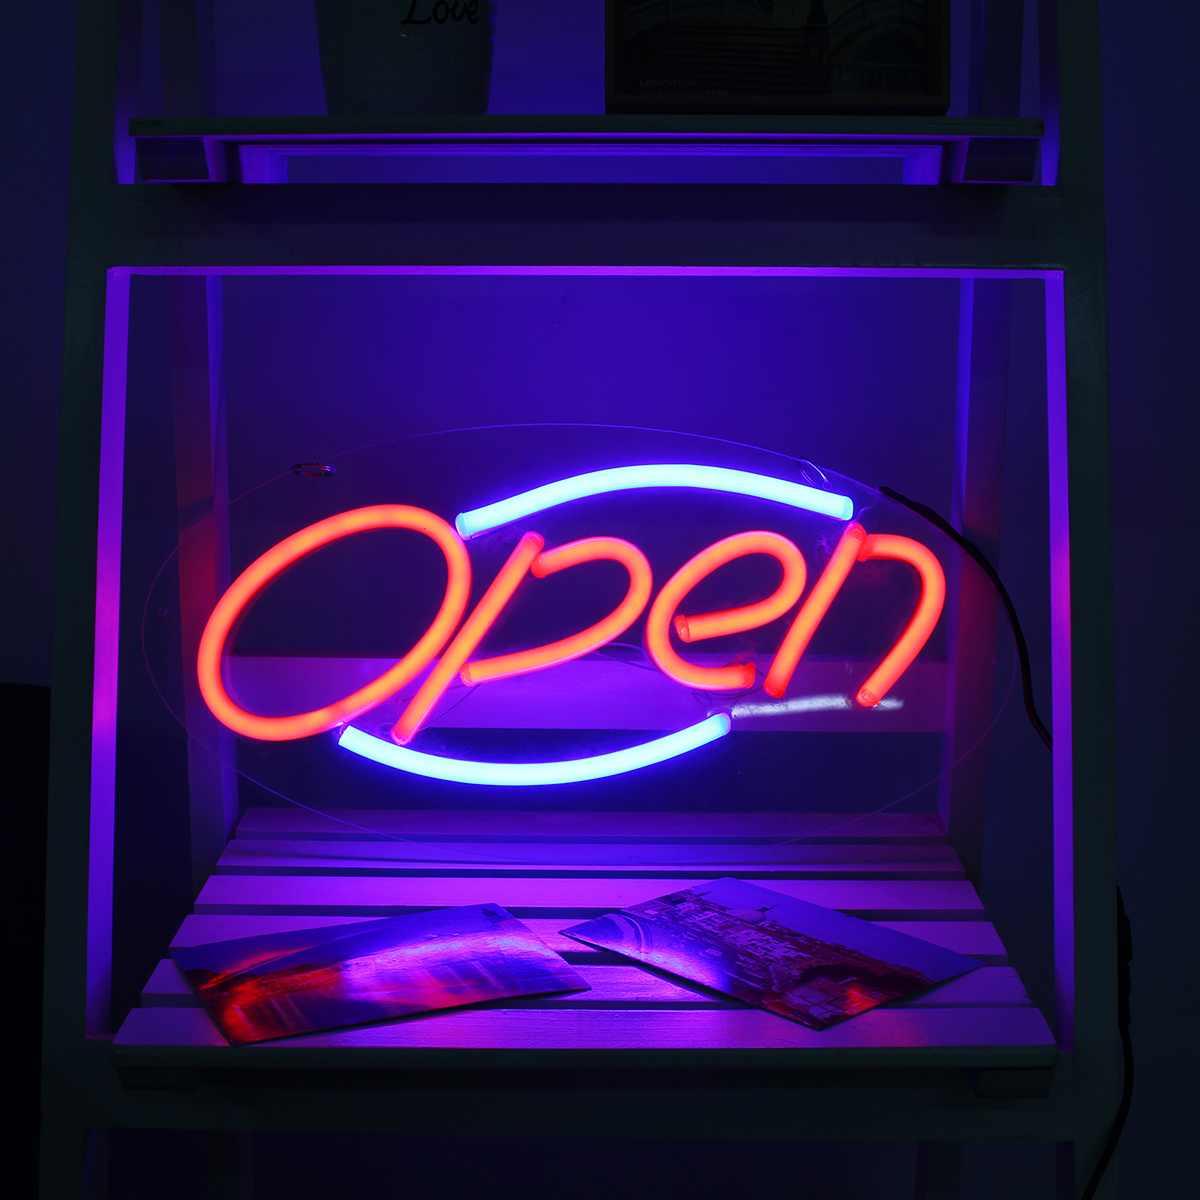 Enseigne au néon ouverte barre lumineuse Pub Club Studio affichage mural LED Tubes au néon panneau illustration visuelle éclairage décoration lampe de nuit